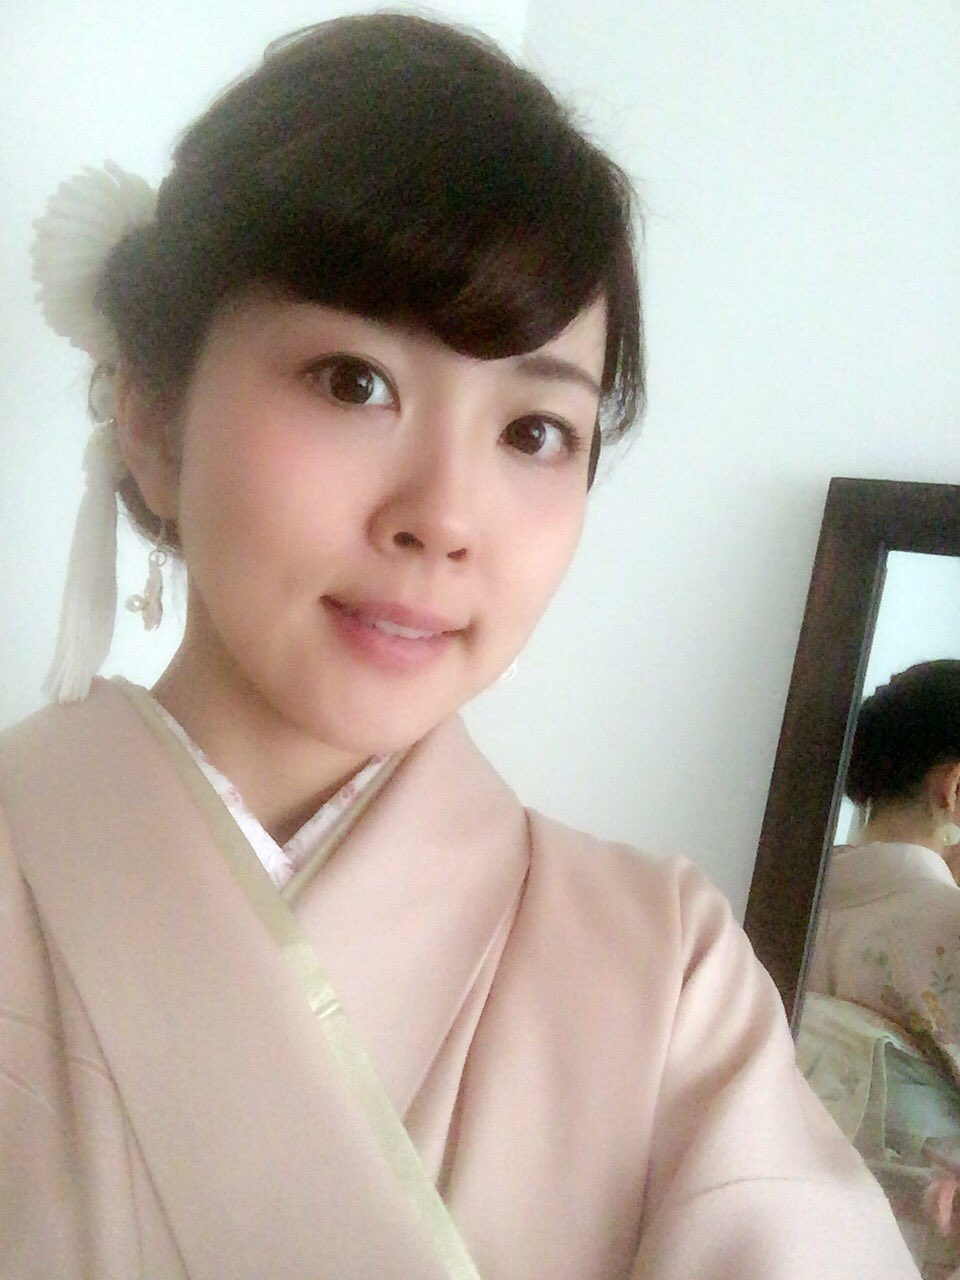 성우 후쿠엔 미사토씨가 트위터에 올린 기모노 차림 사진